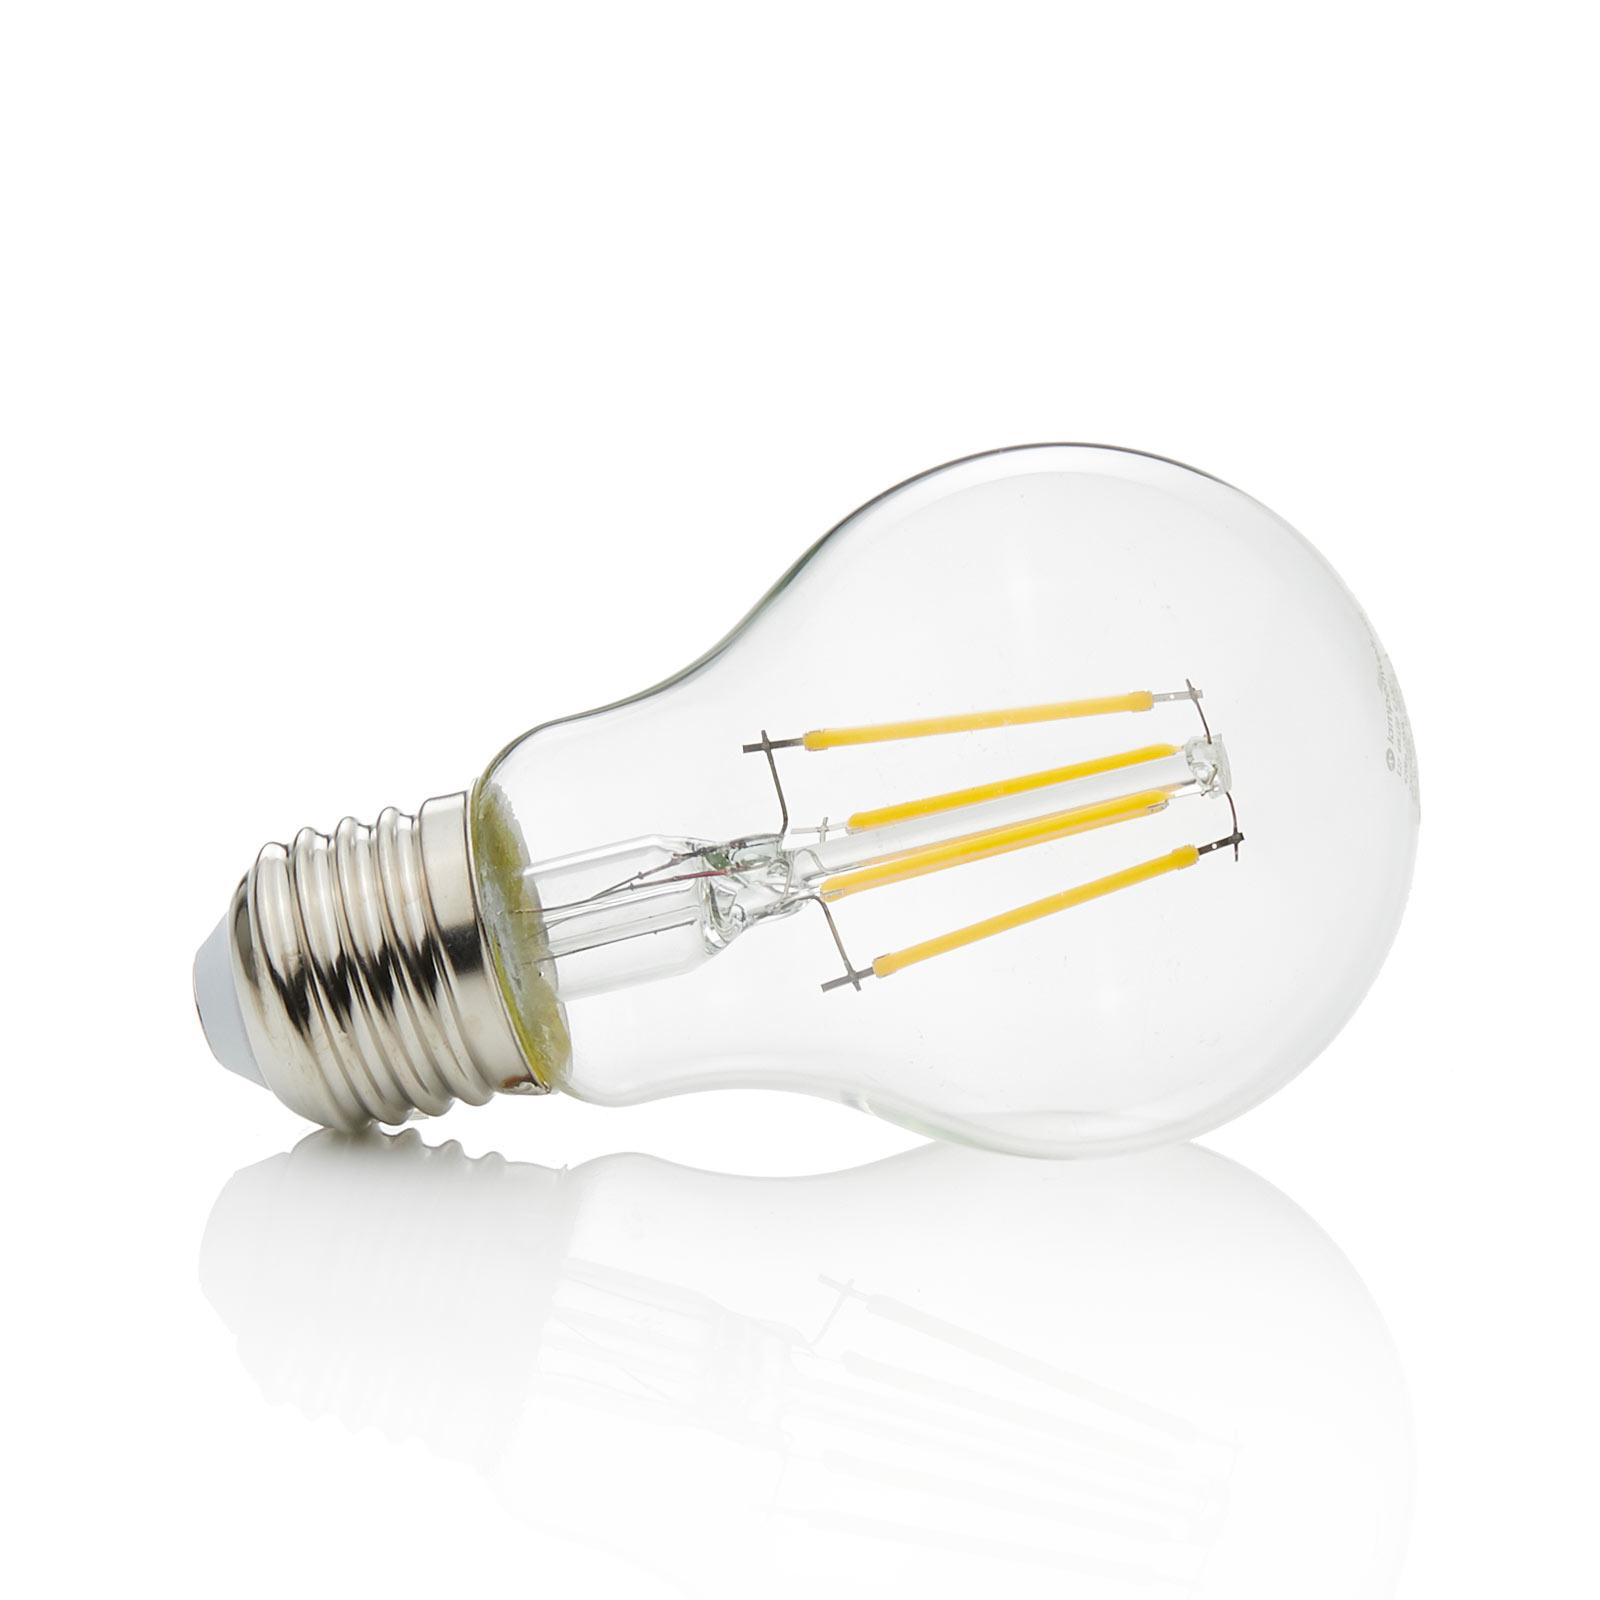 Lampadina LED E27 a filamento 4W 470lm trasparente